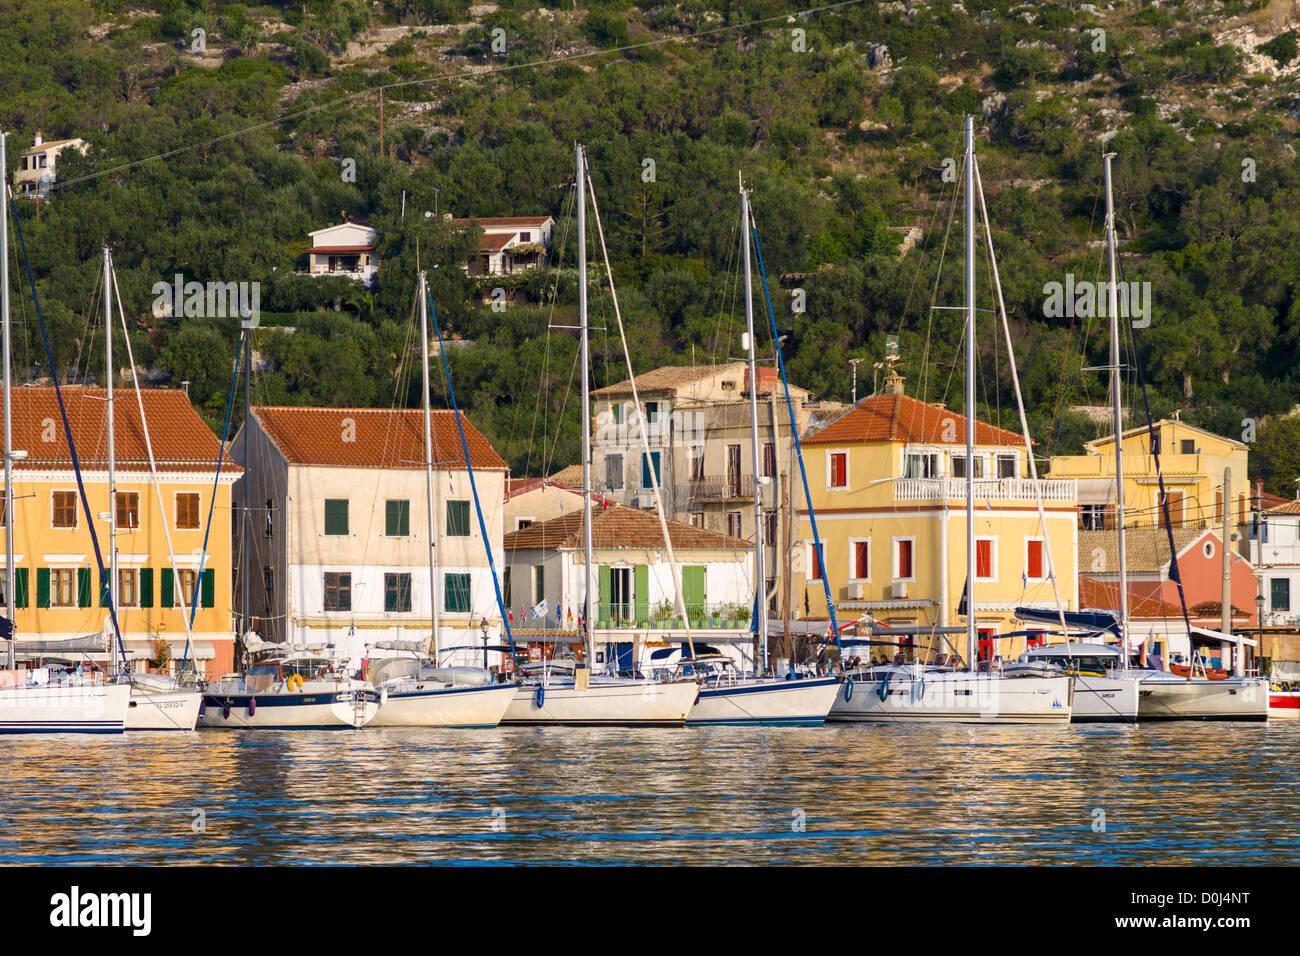 Yachts or sail boats moored at Gaios, Paxos, Greece - Stock Image